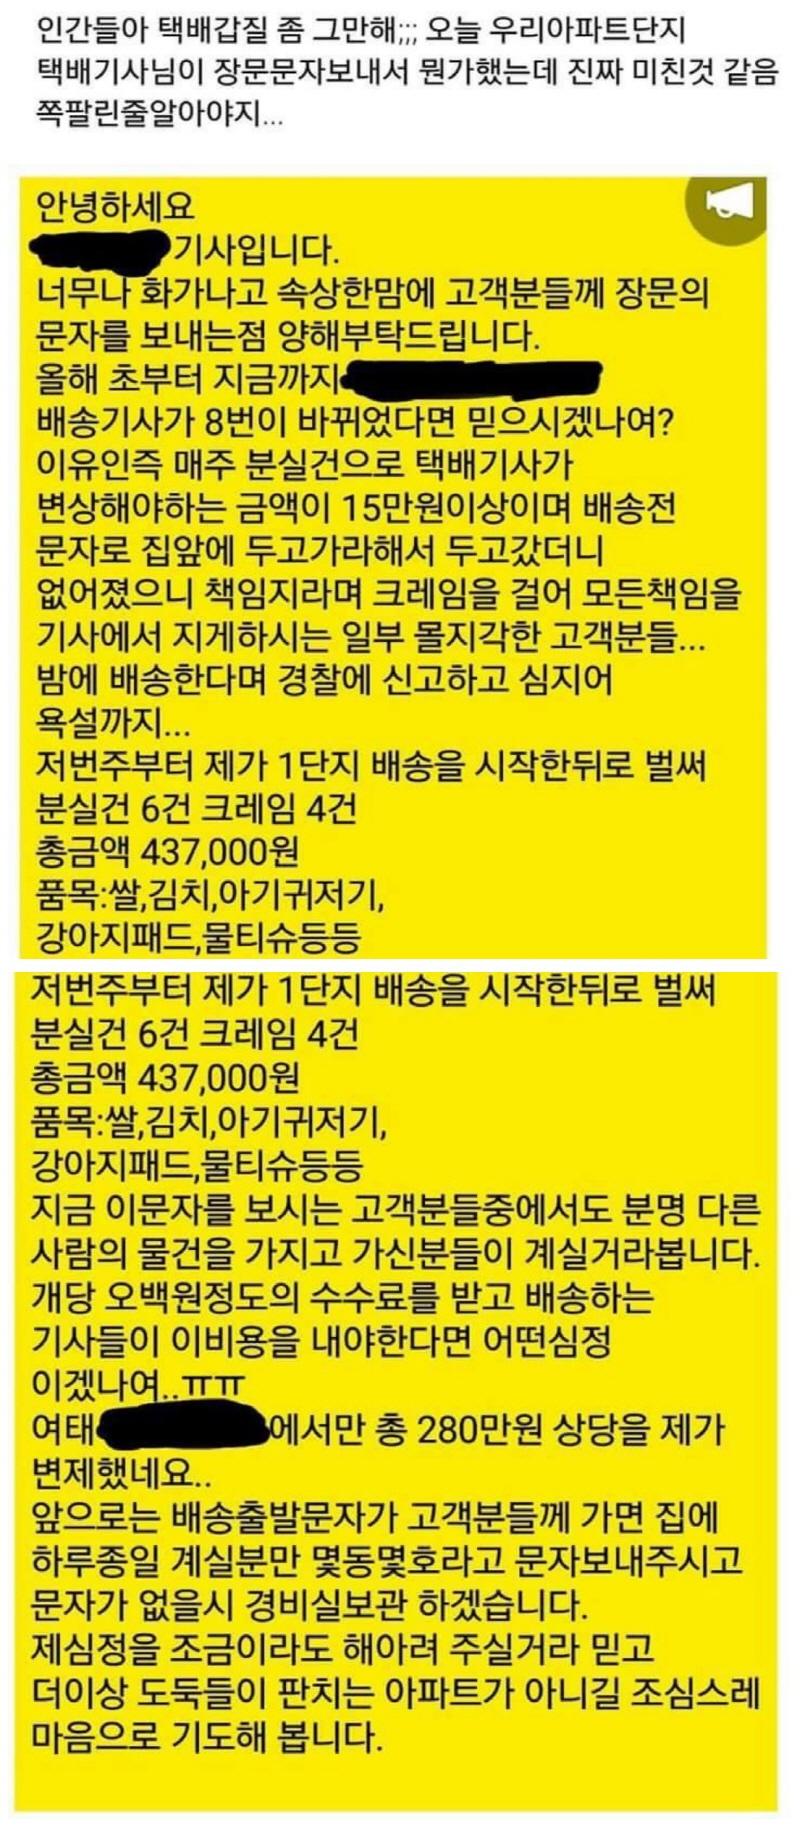 택배 기사에게온 단체 문자.jpg